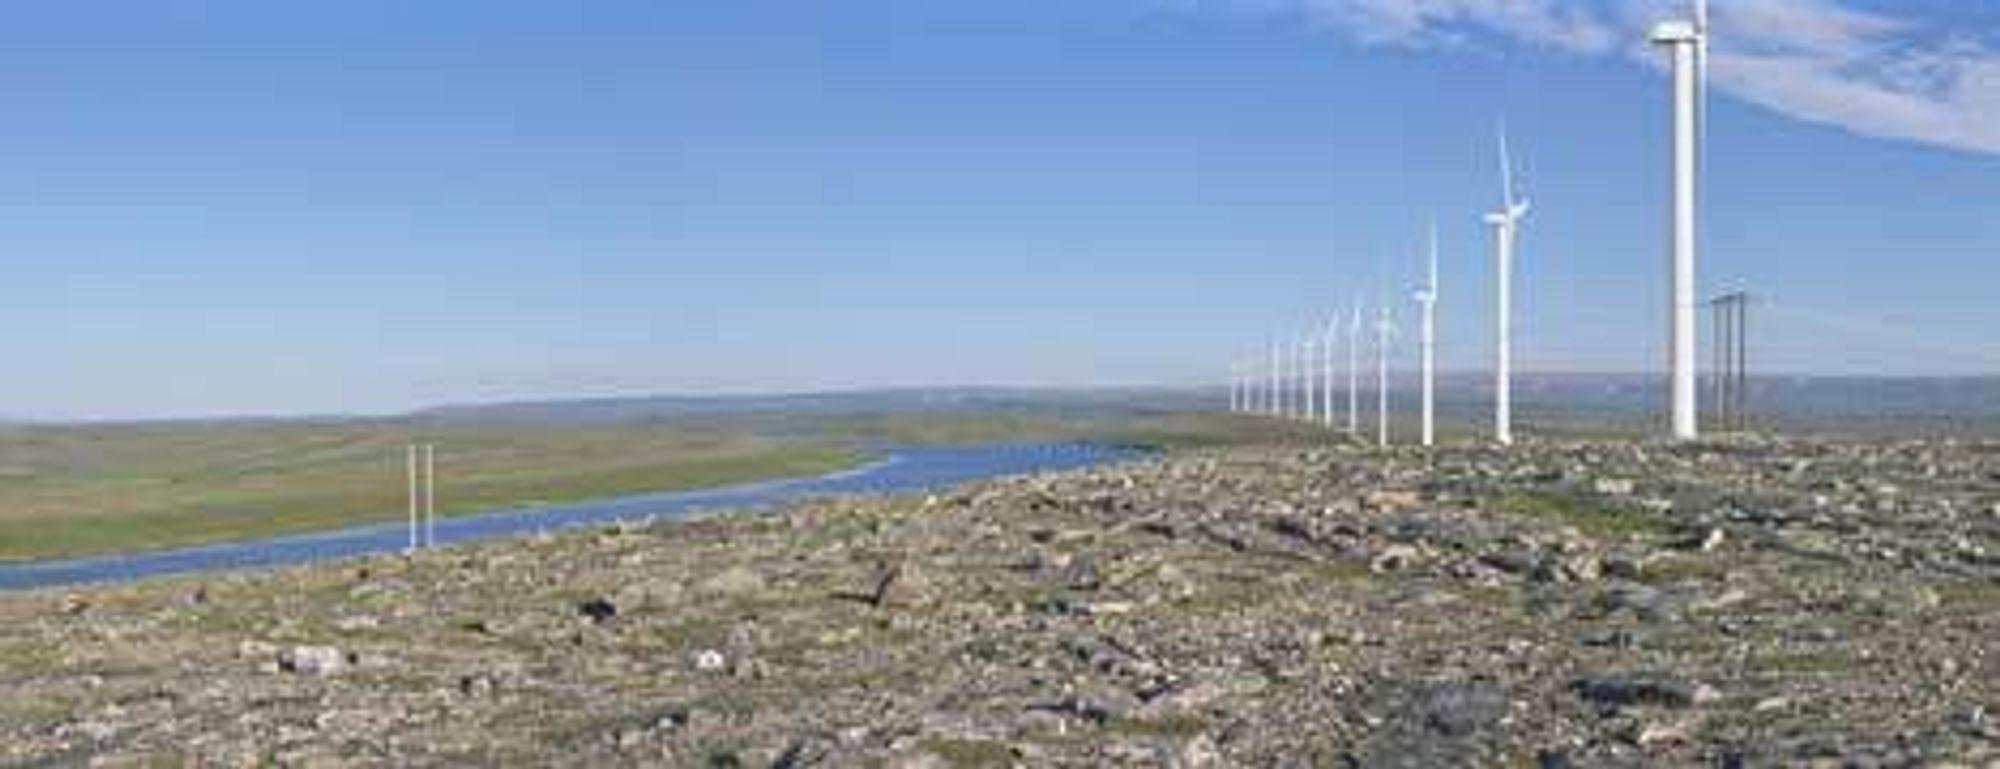 HØYDEDRAG: Skallhalsen vindpark i Vadsø kommune skal bygges av Statkraft med en installert effekt på 40 til 65 MW. Vindparken plasseres på et høydedrag ved Skallhalsen. ILL: STATKRAFT